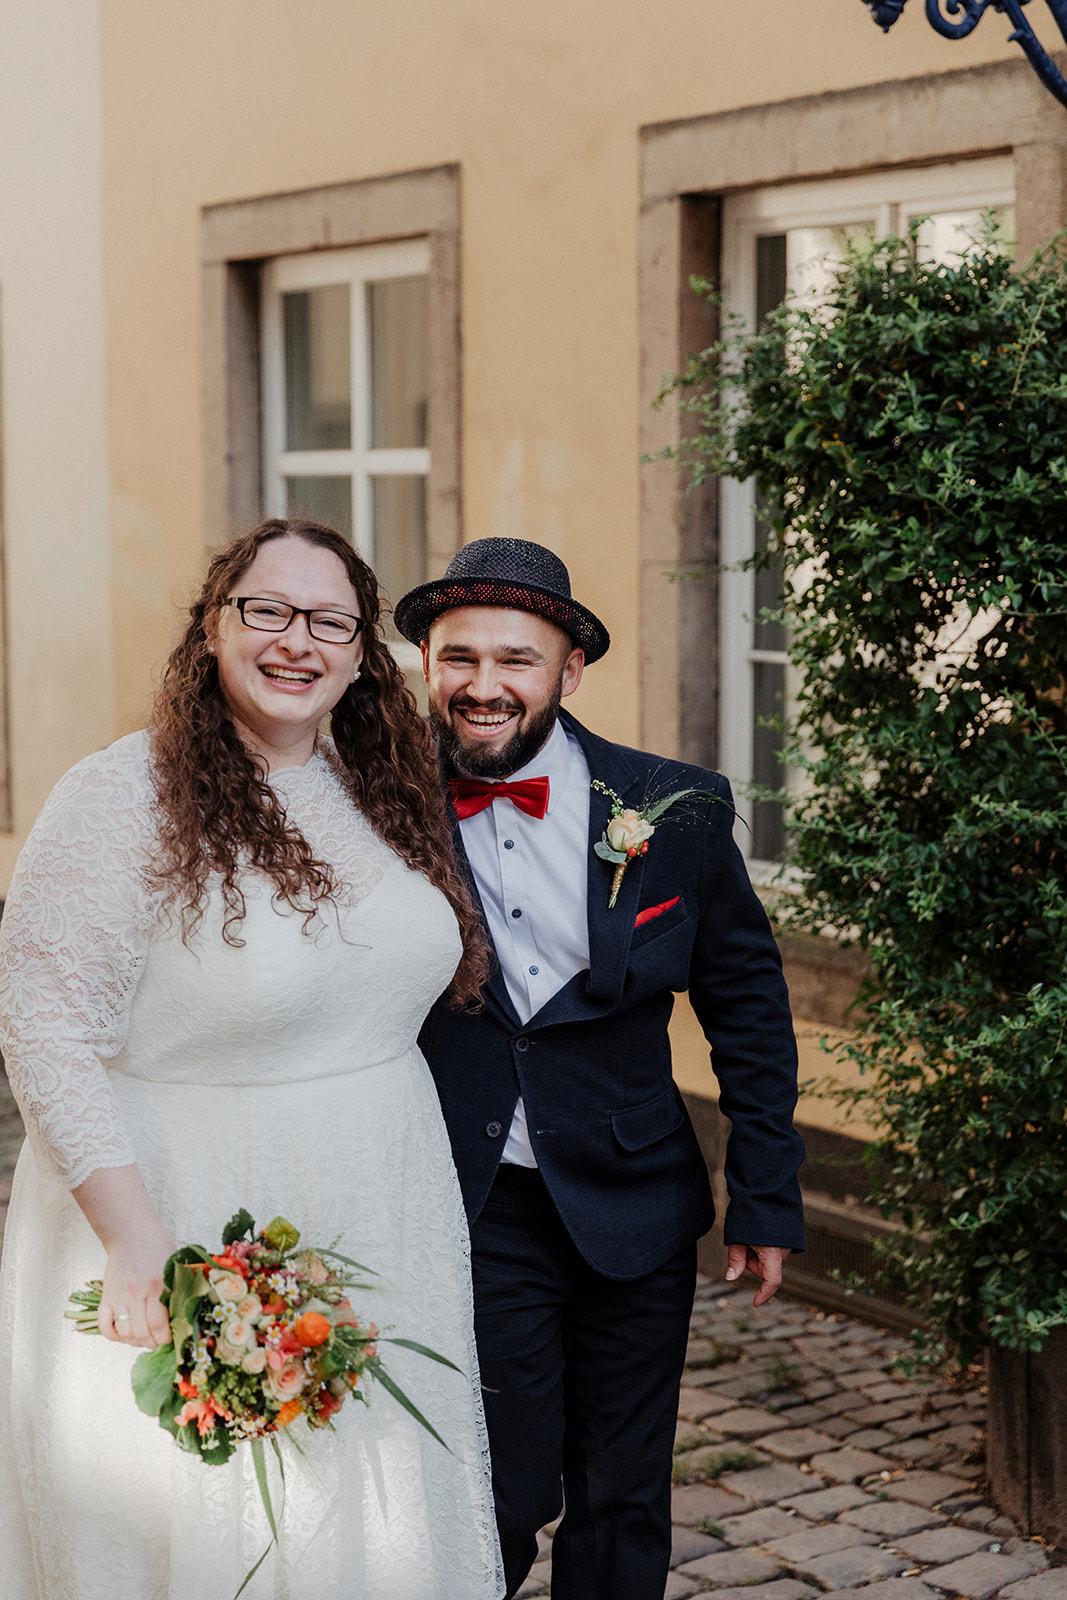 Brautpaarfoto in Kölner Altstadt